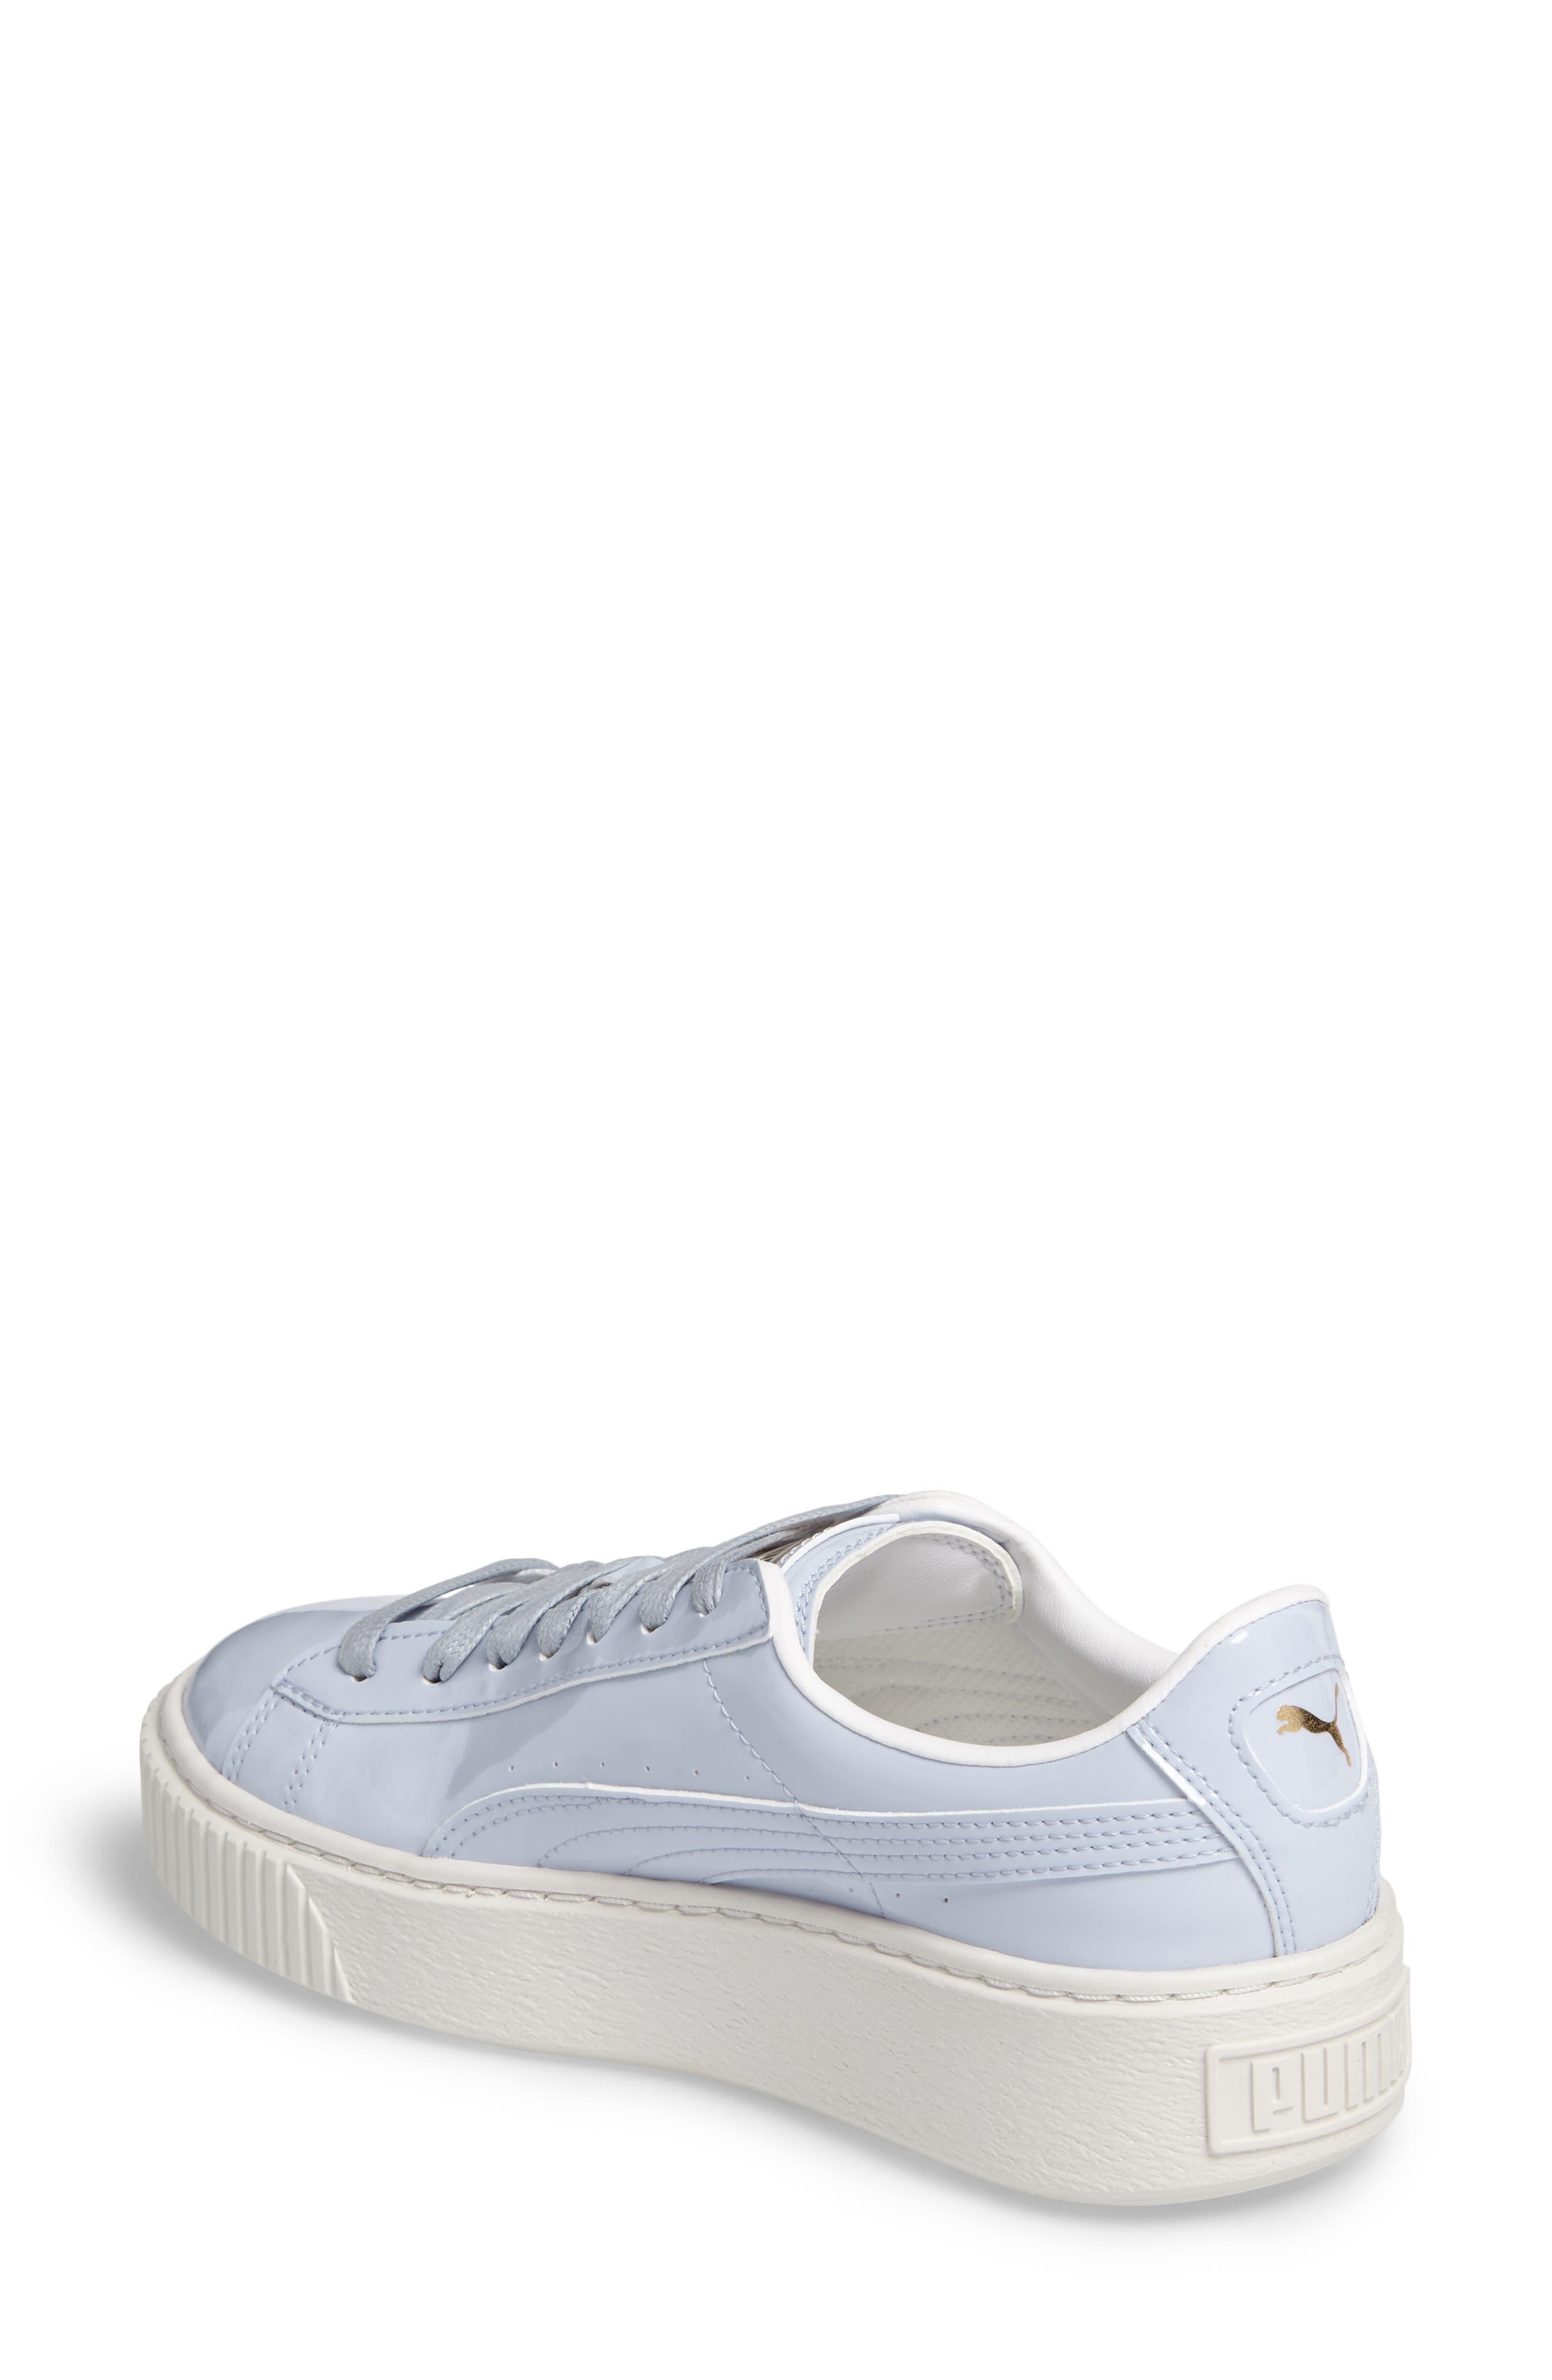 Basket Platform Sneaker,                             Alternate thumbnail 2, color,                             Halogen Blue/ Halogen Blue